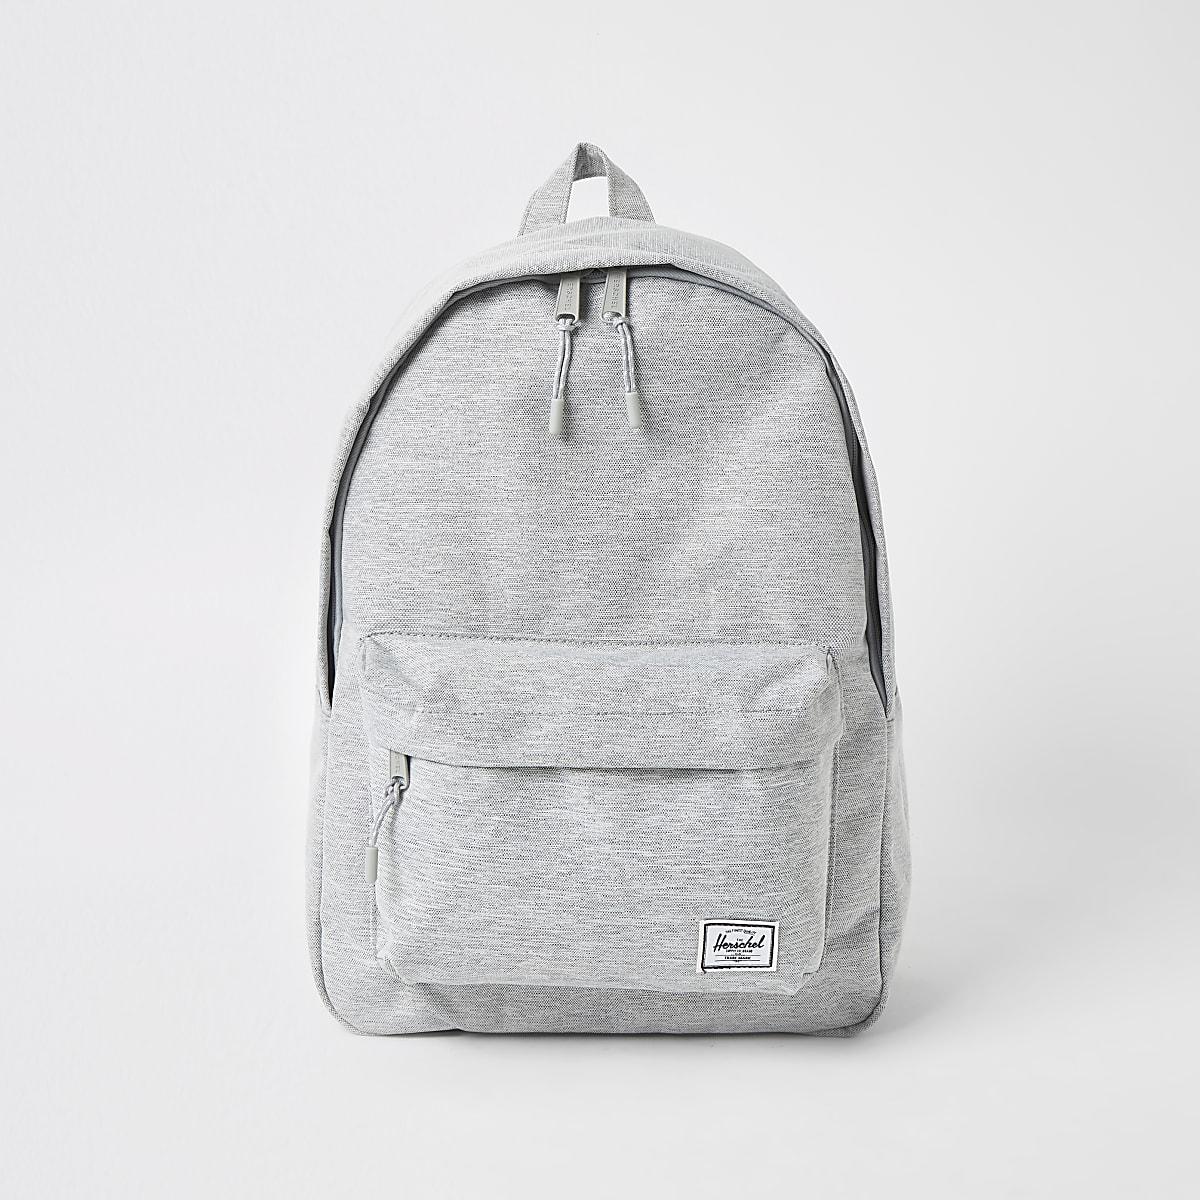 Herschel grey Classic backpack